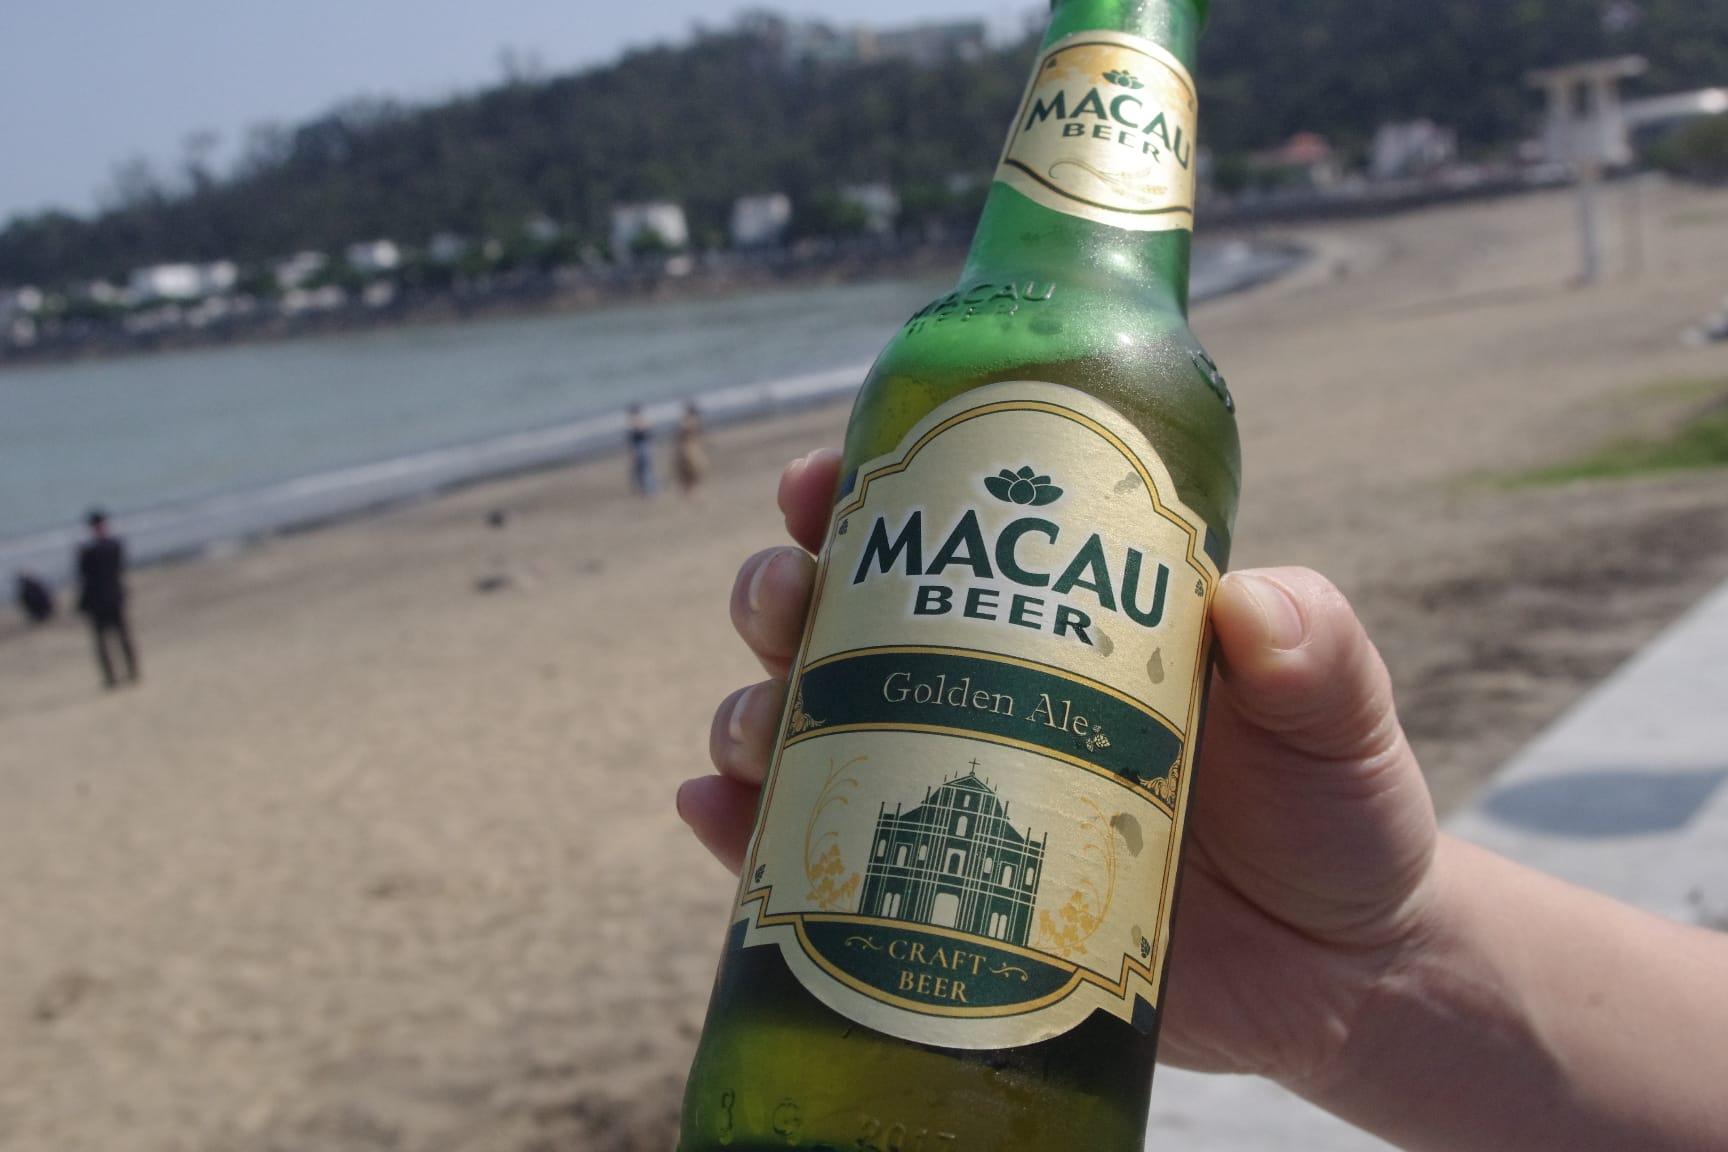 マカオビール(ゴールデンエール)